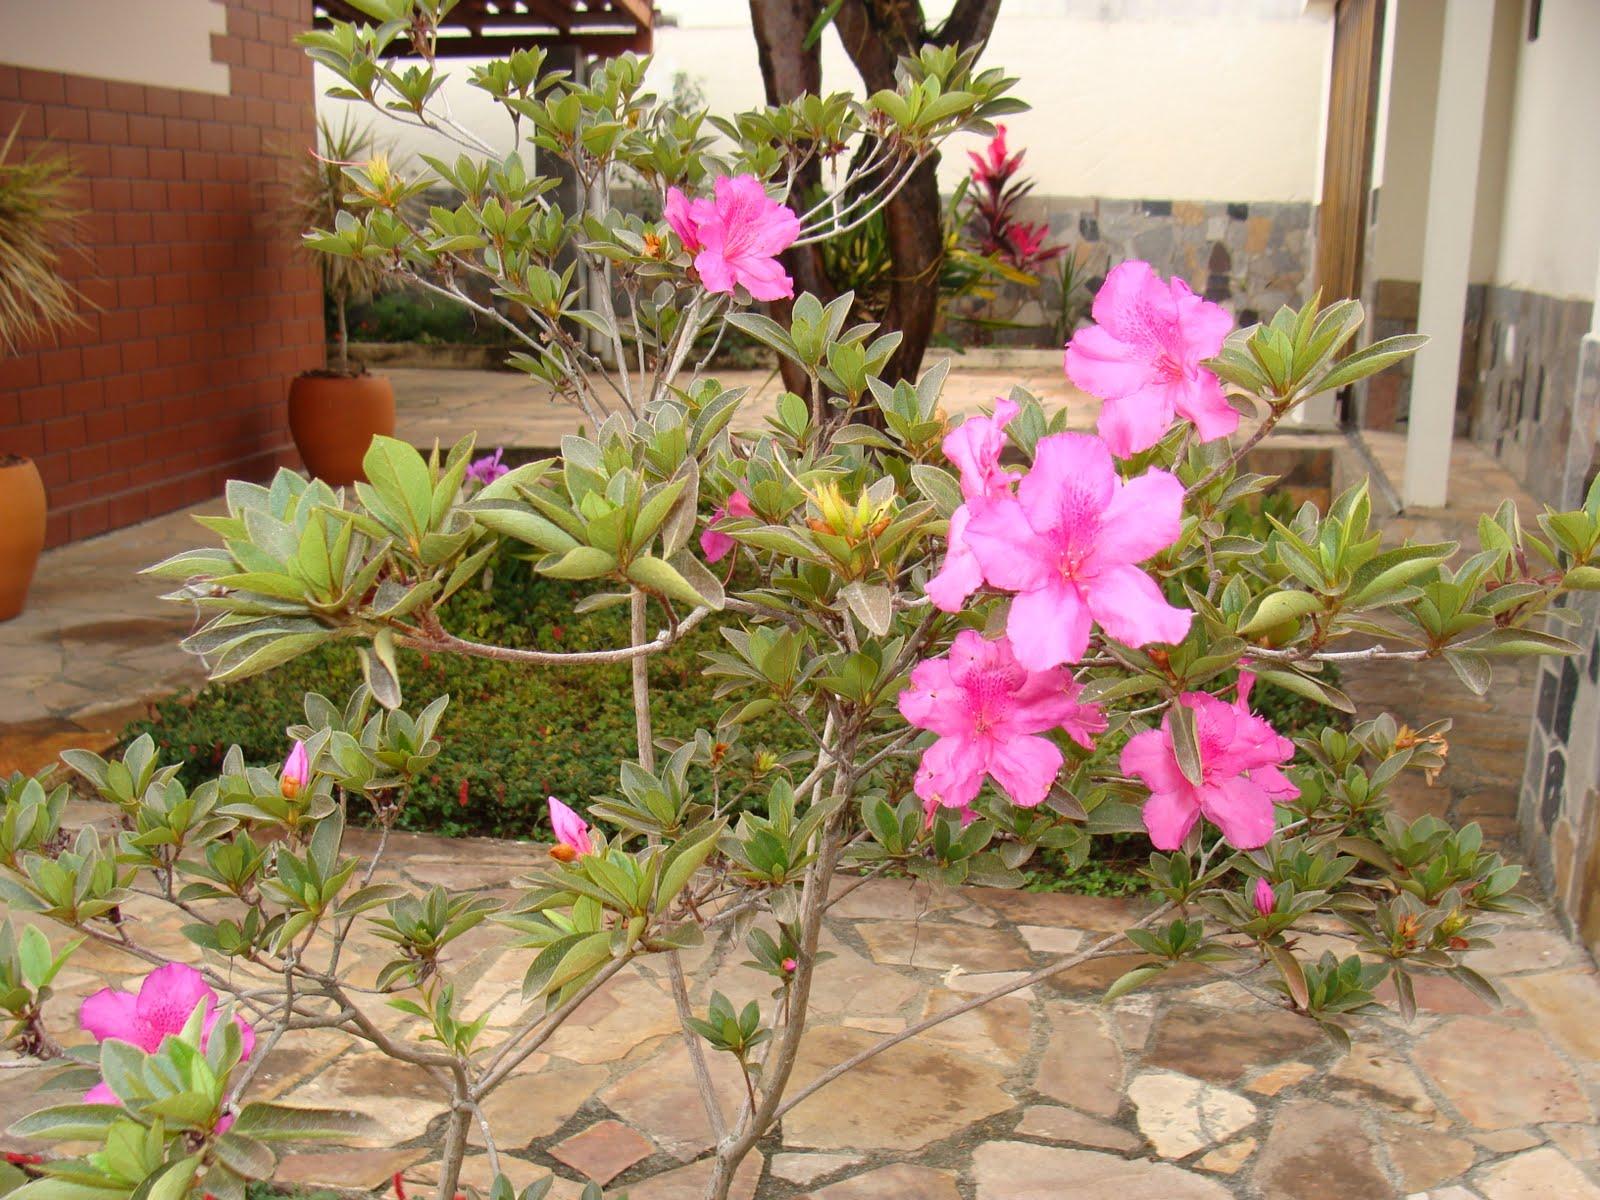 flores para jardim de inverno:Jardim Natureza: Flôres de Inverno